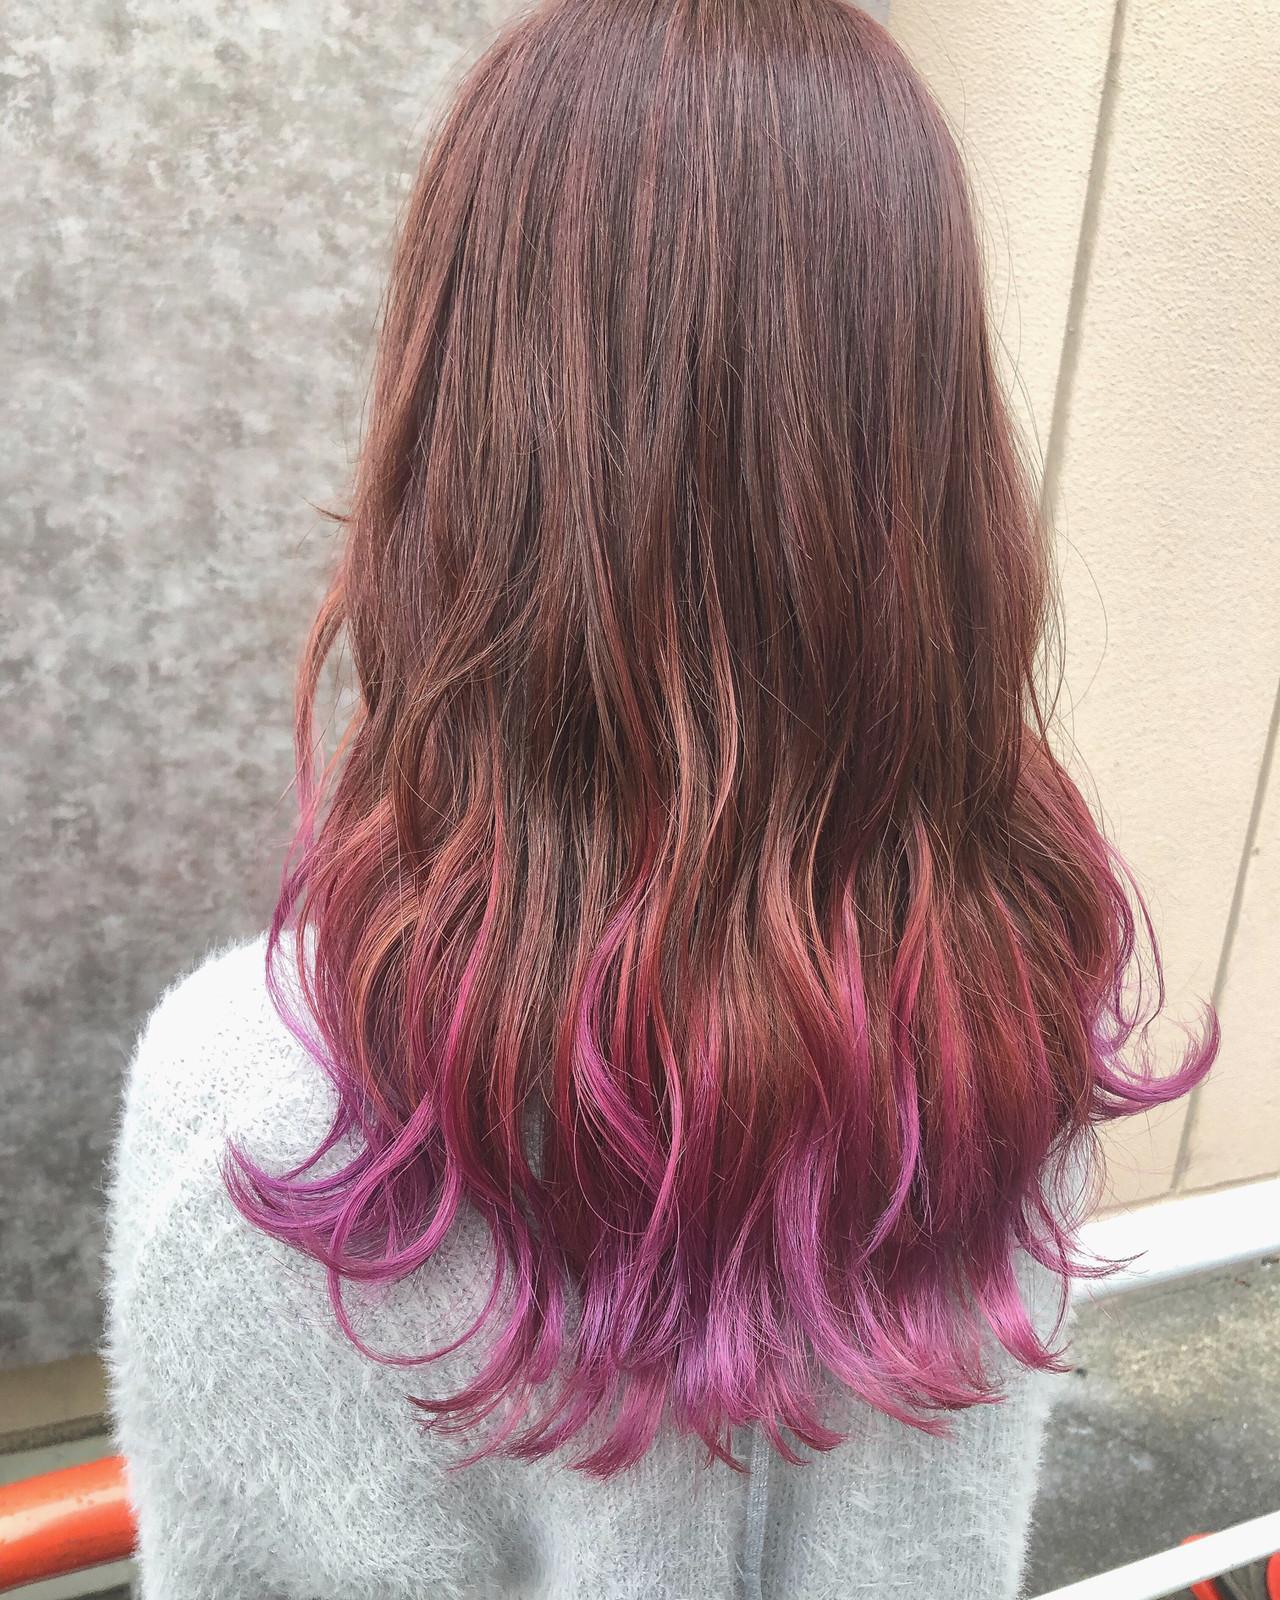 波ウェーブ ピンクアッシュ フェミニン セミロング ヘアスタイルや髪型の写真・画像